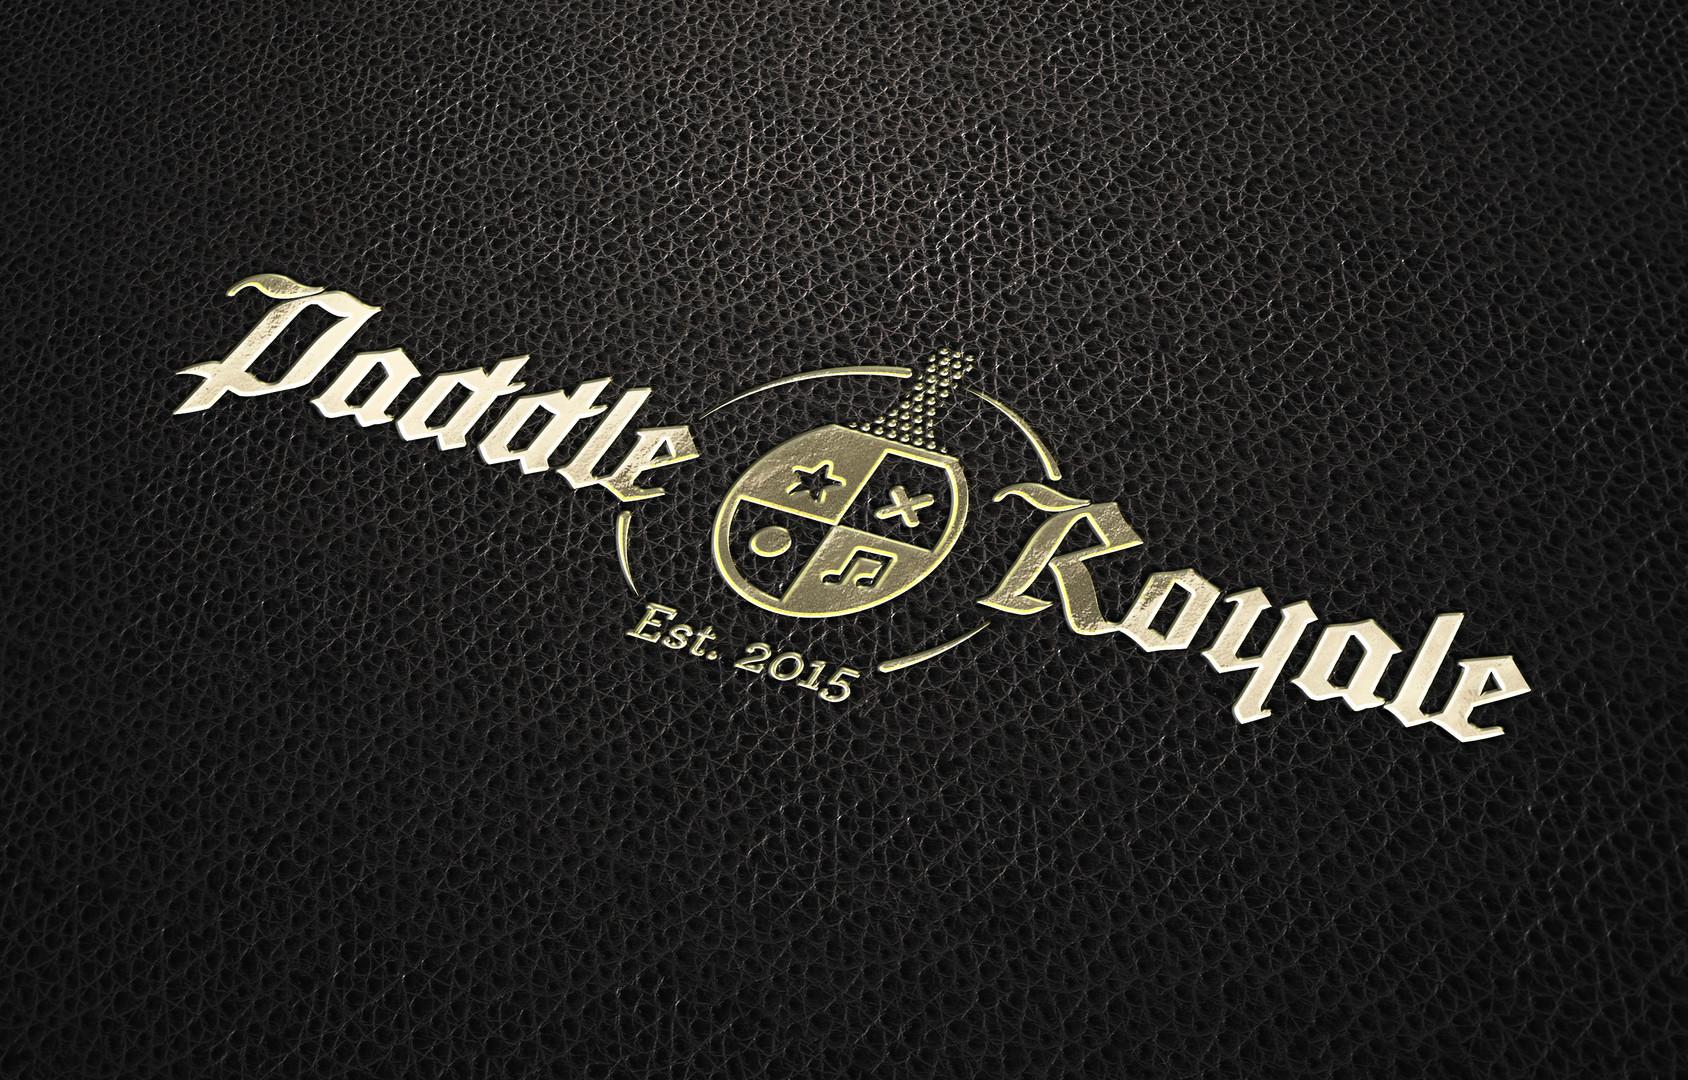 Paddle Royale logo